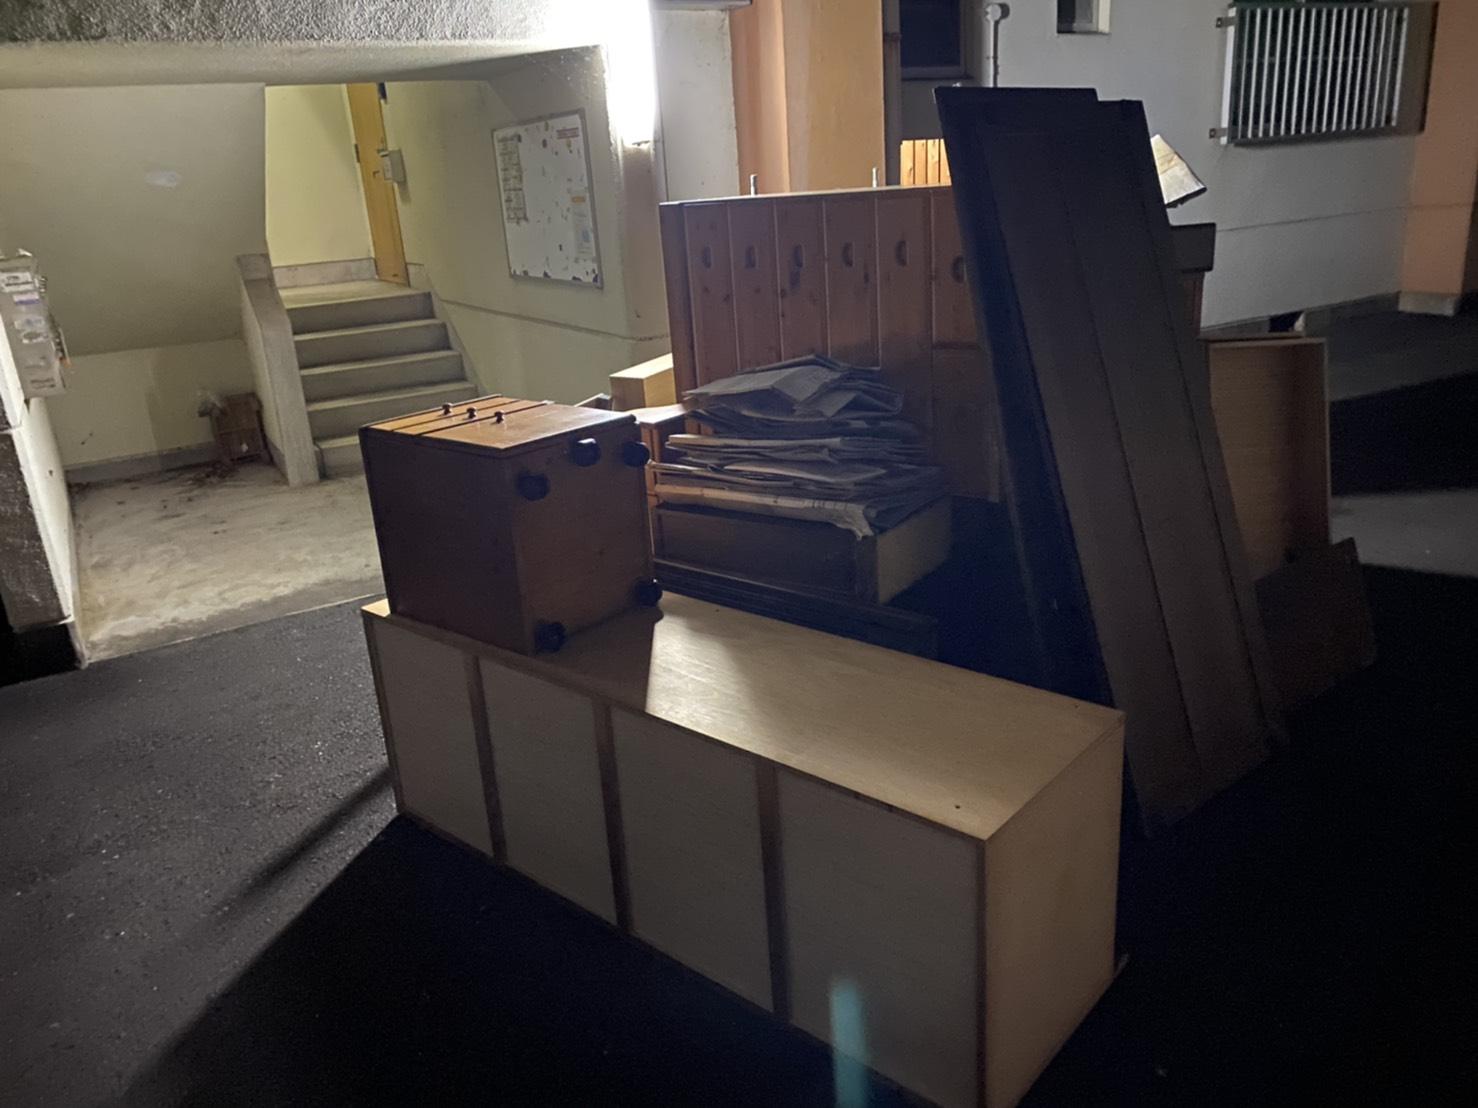 タンス、本棚などの不用品の回収前